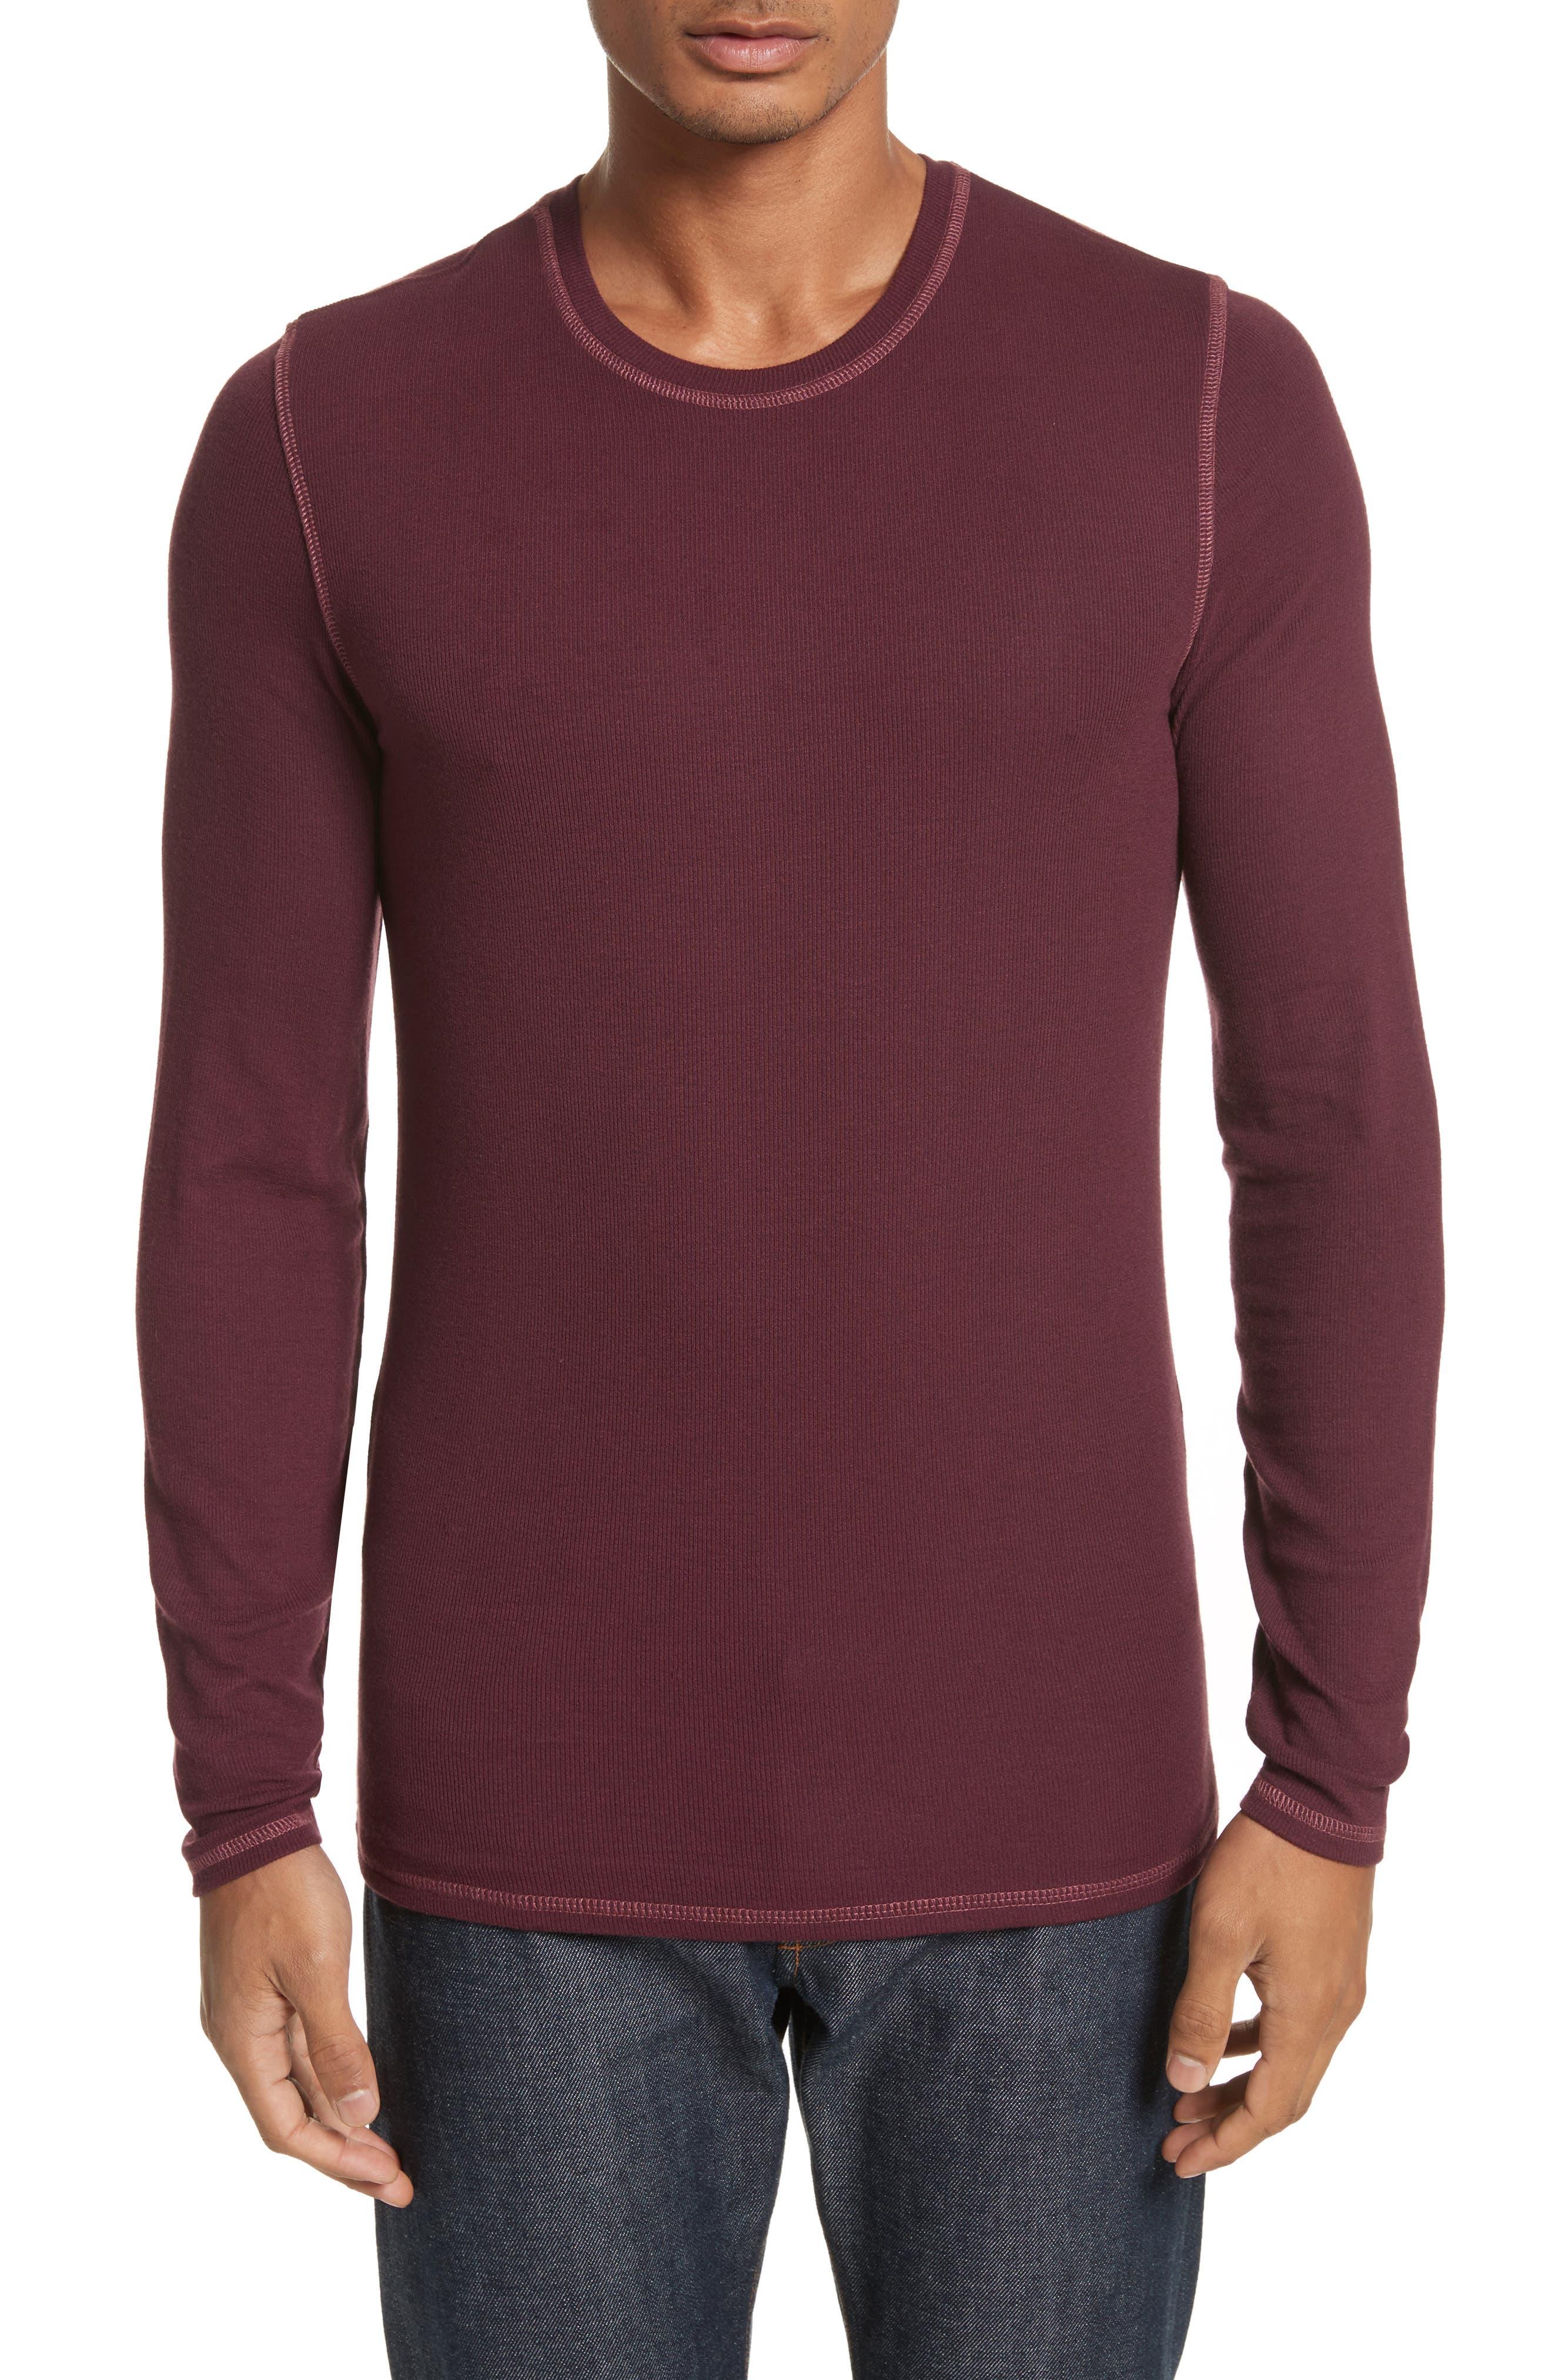 Rib Modal Crewneck Sweater,                         Main,                         color, Merlot